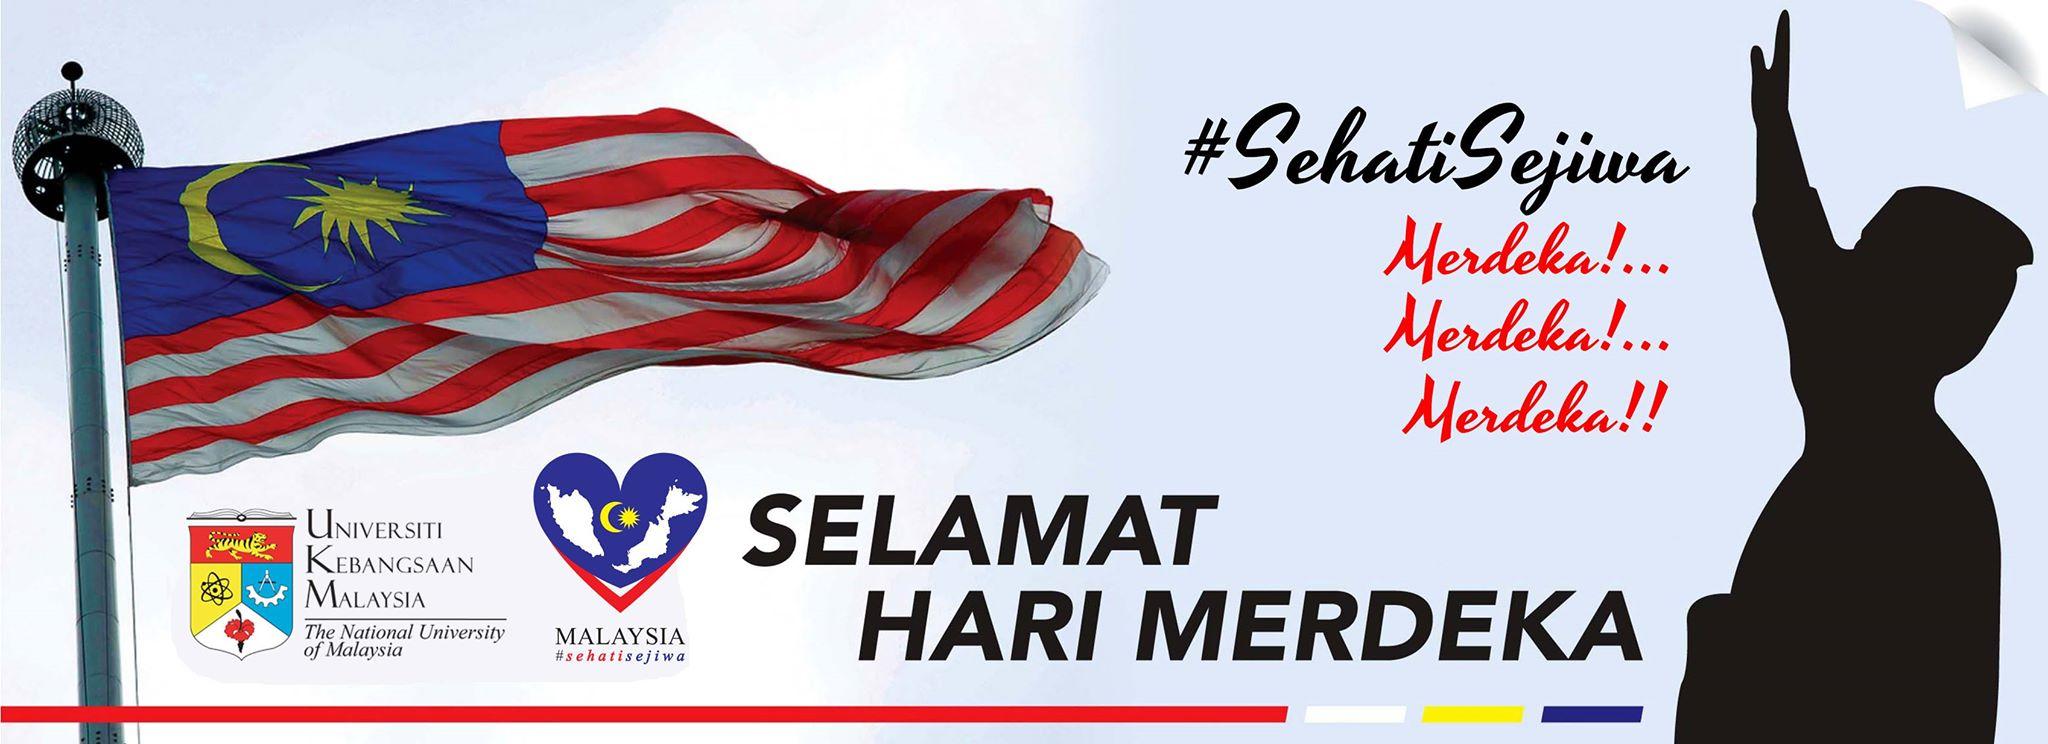 Selamat Hari Merdeka